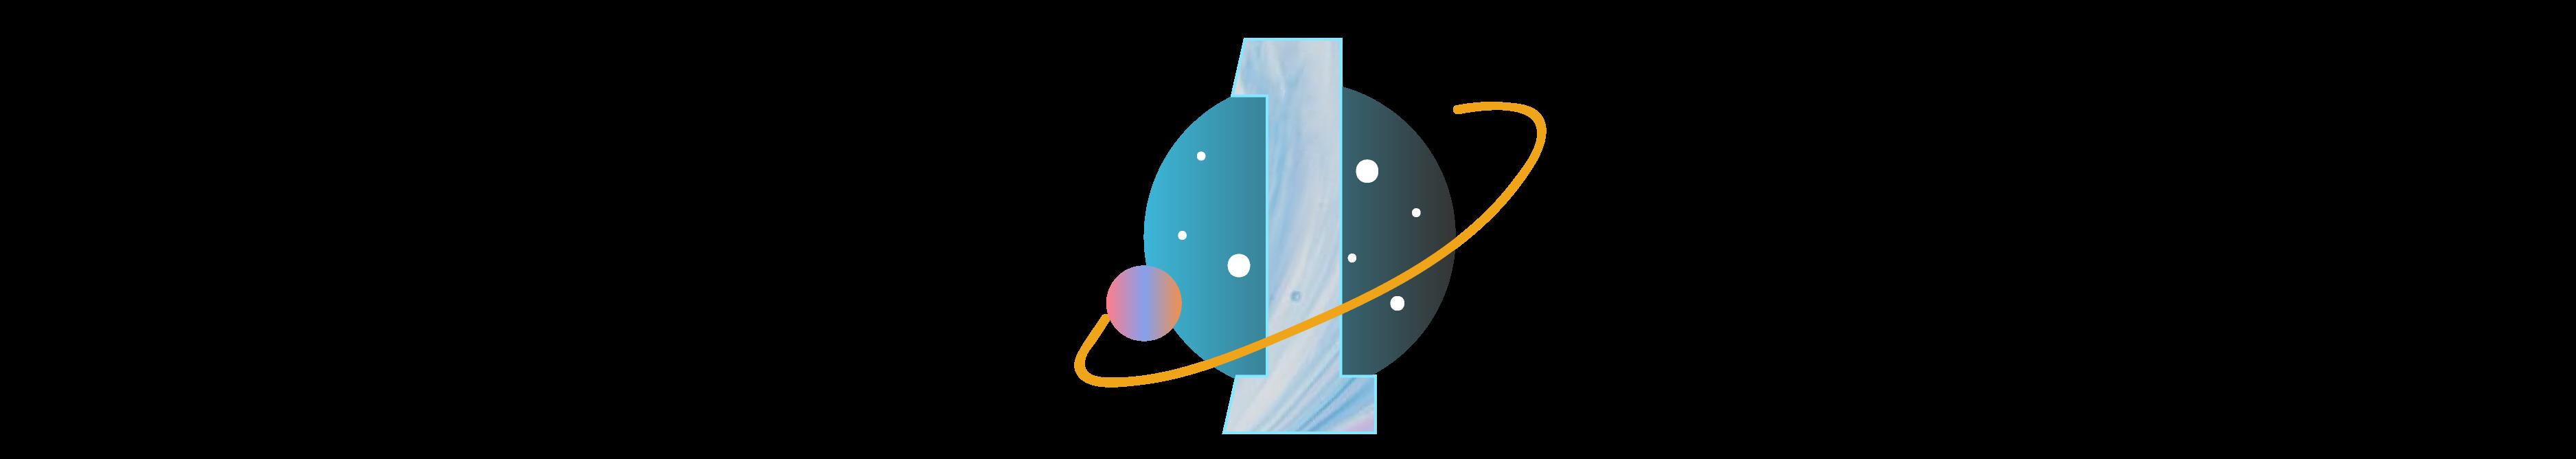 2021年6月十二星座塔罗运势,2021年运势最好的星座图3